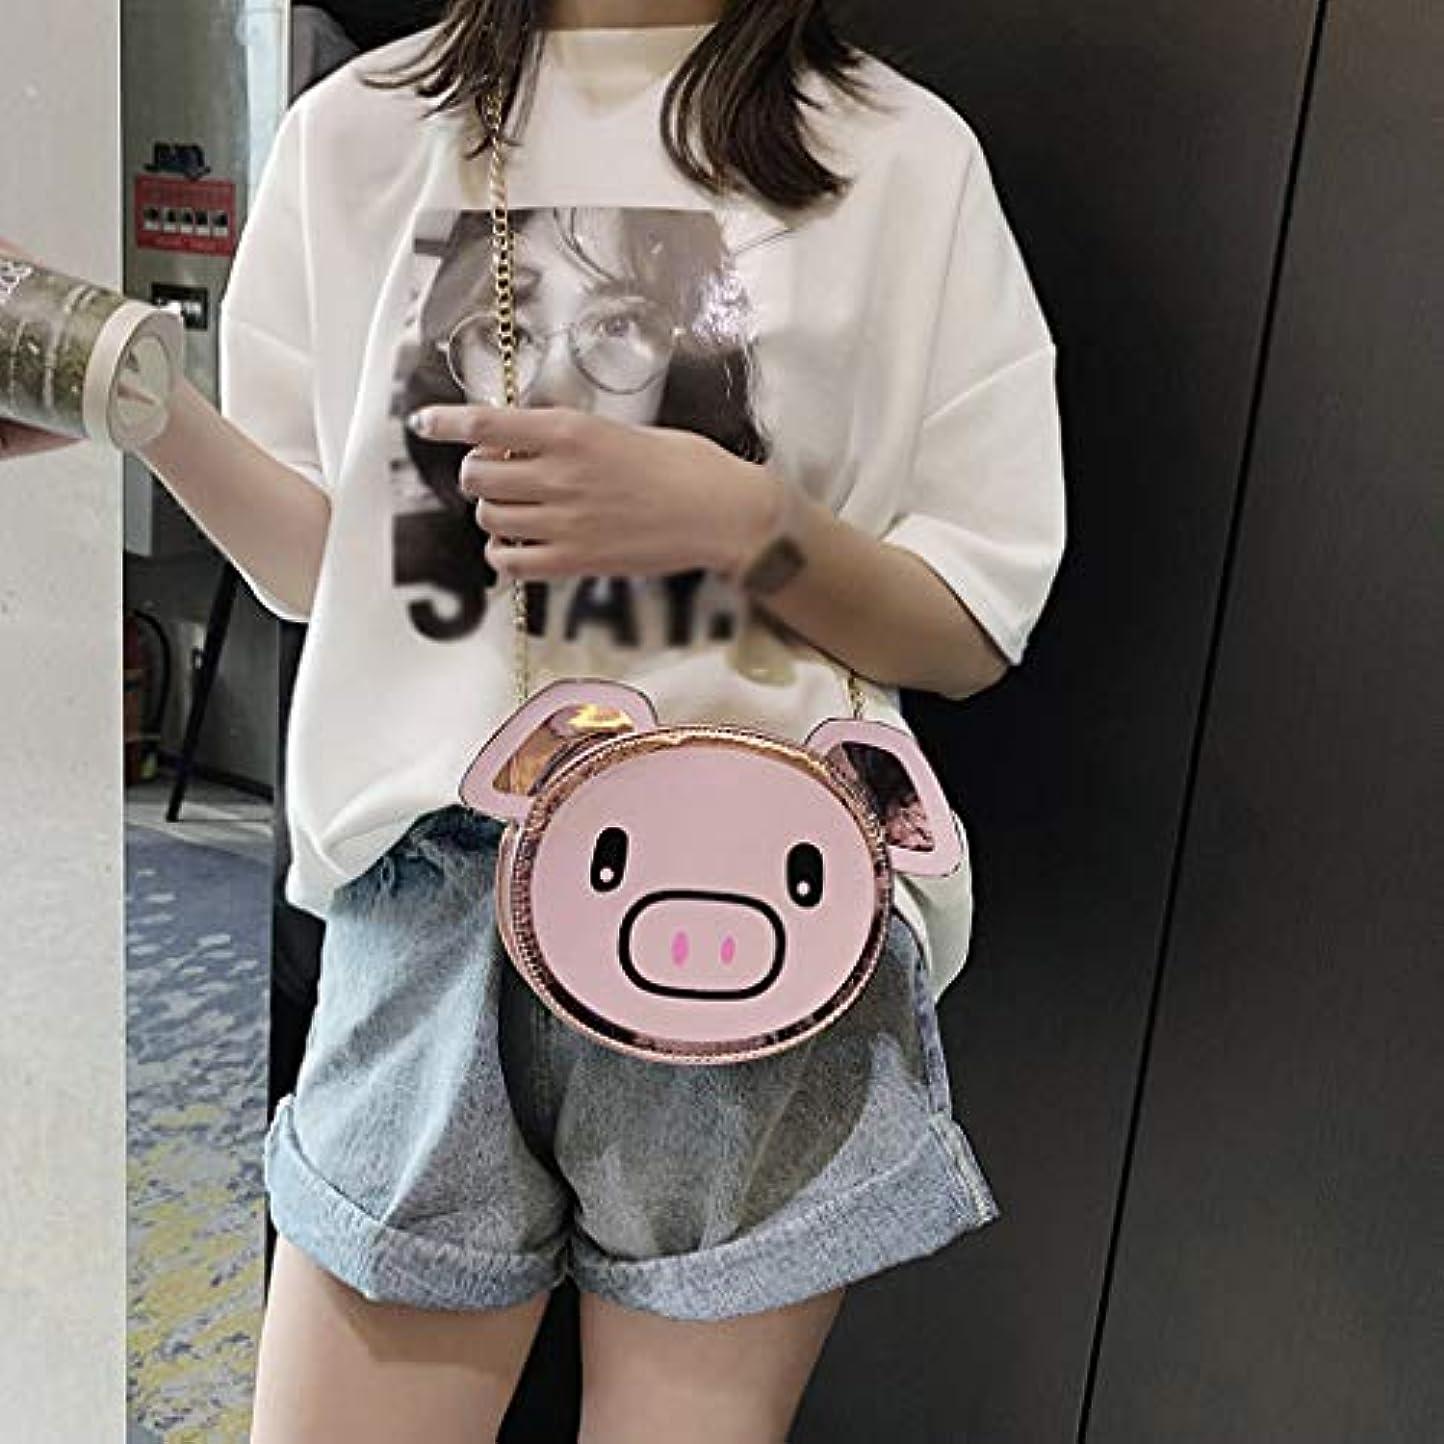 鎮静剤乳喜んでファッション女の子革チェーン野生のかわいい漫画豚肩メッセンジャーバッグ、女の子チェーン野生のかわいい豚肩メッセンジャーバッグ (ピンク)